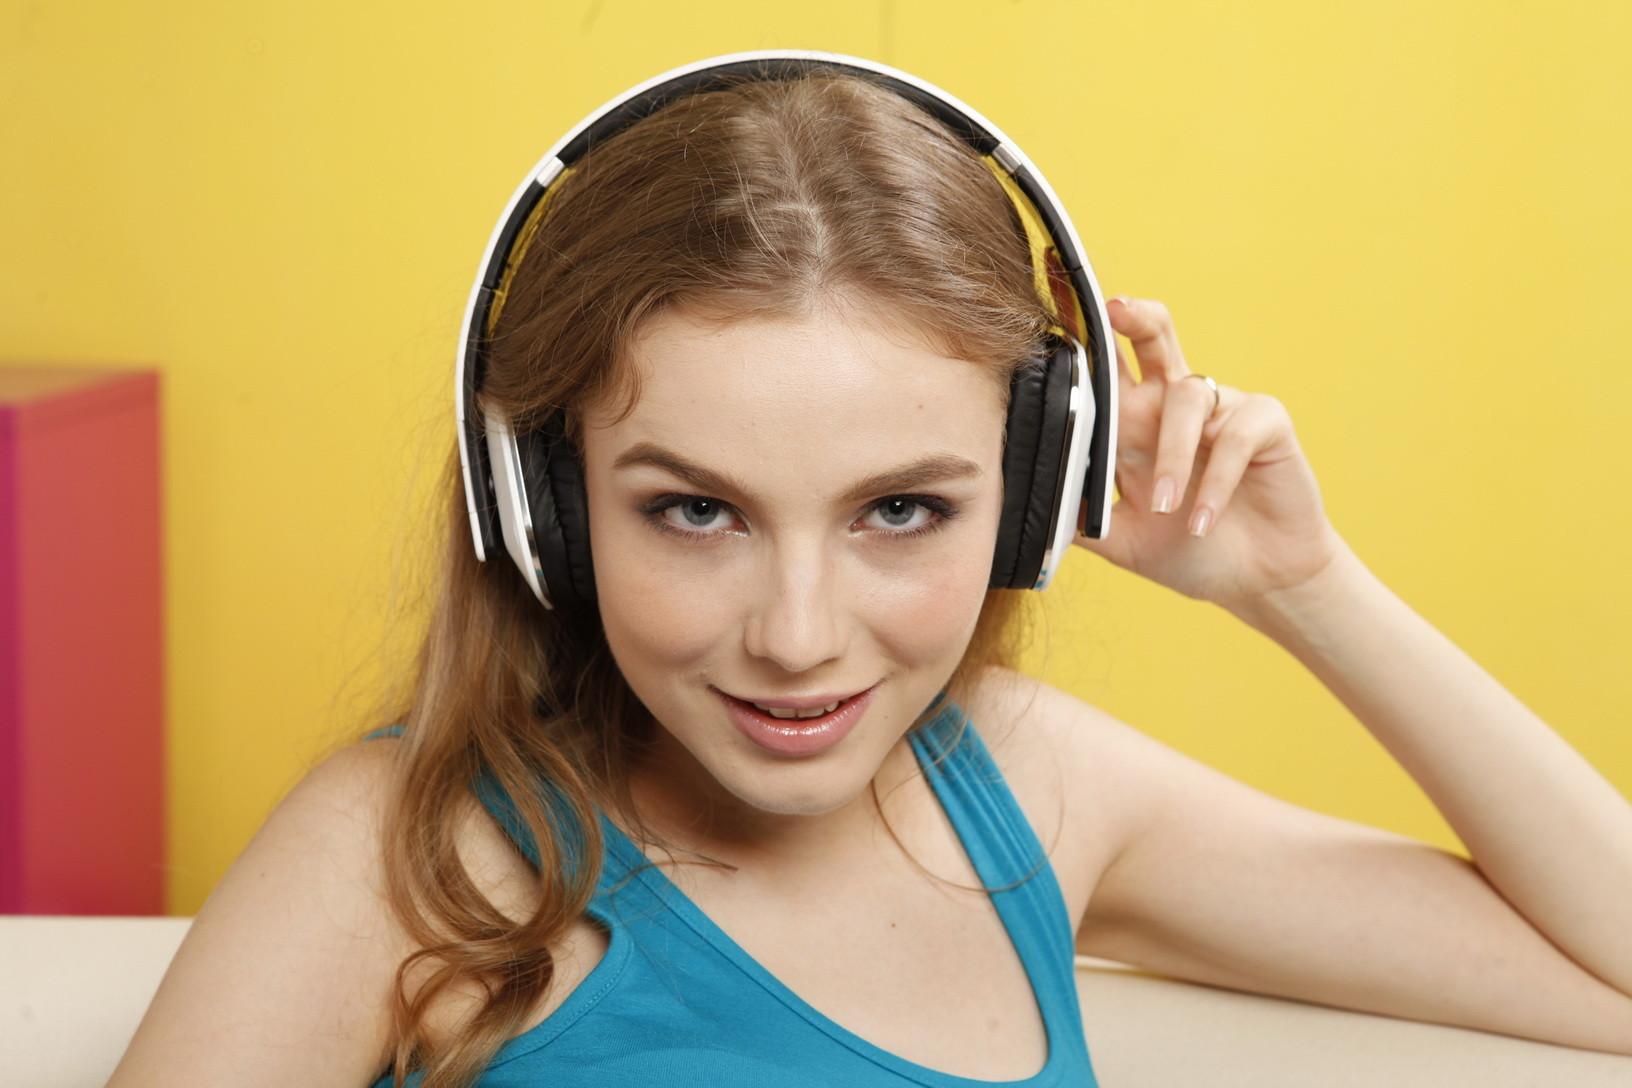 图金洋妞私房享受音乐